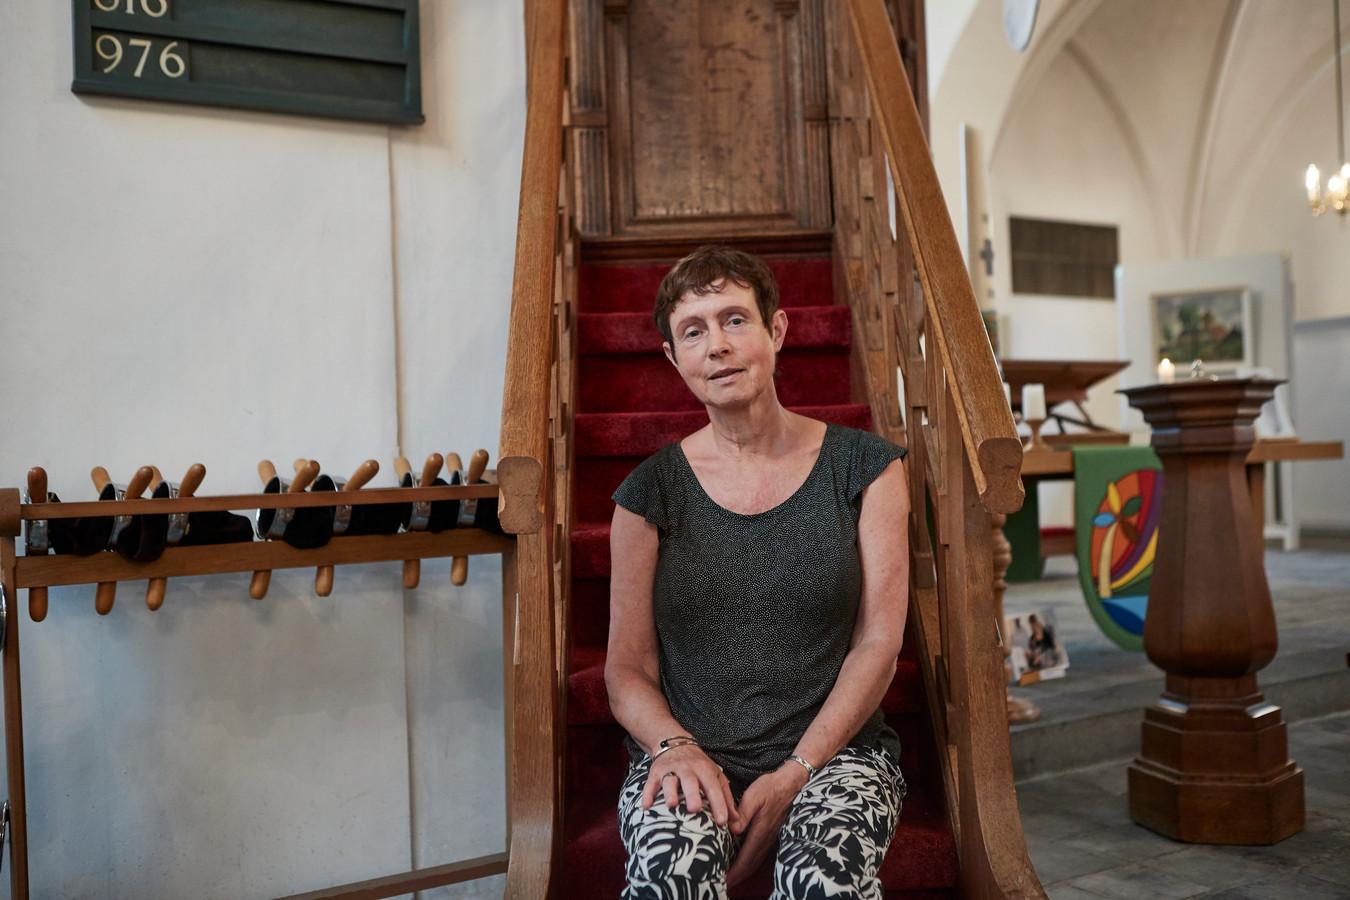 Dominee Liesbeth Burger in de Martinuskerk in Warnsveld. Zij wijst op het belang van rituelen: ,,Bij het begin, de kruispunten en het einde van het leven. Bij de feesten en bij het verdriet. Daar zijn we voor, daar zijn we goed in.''